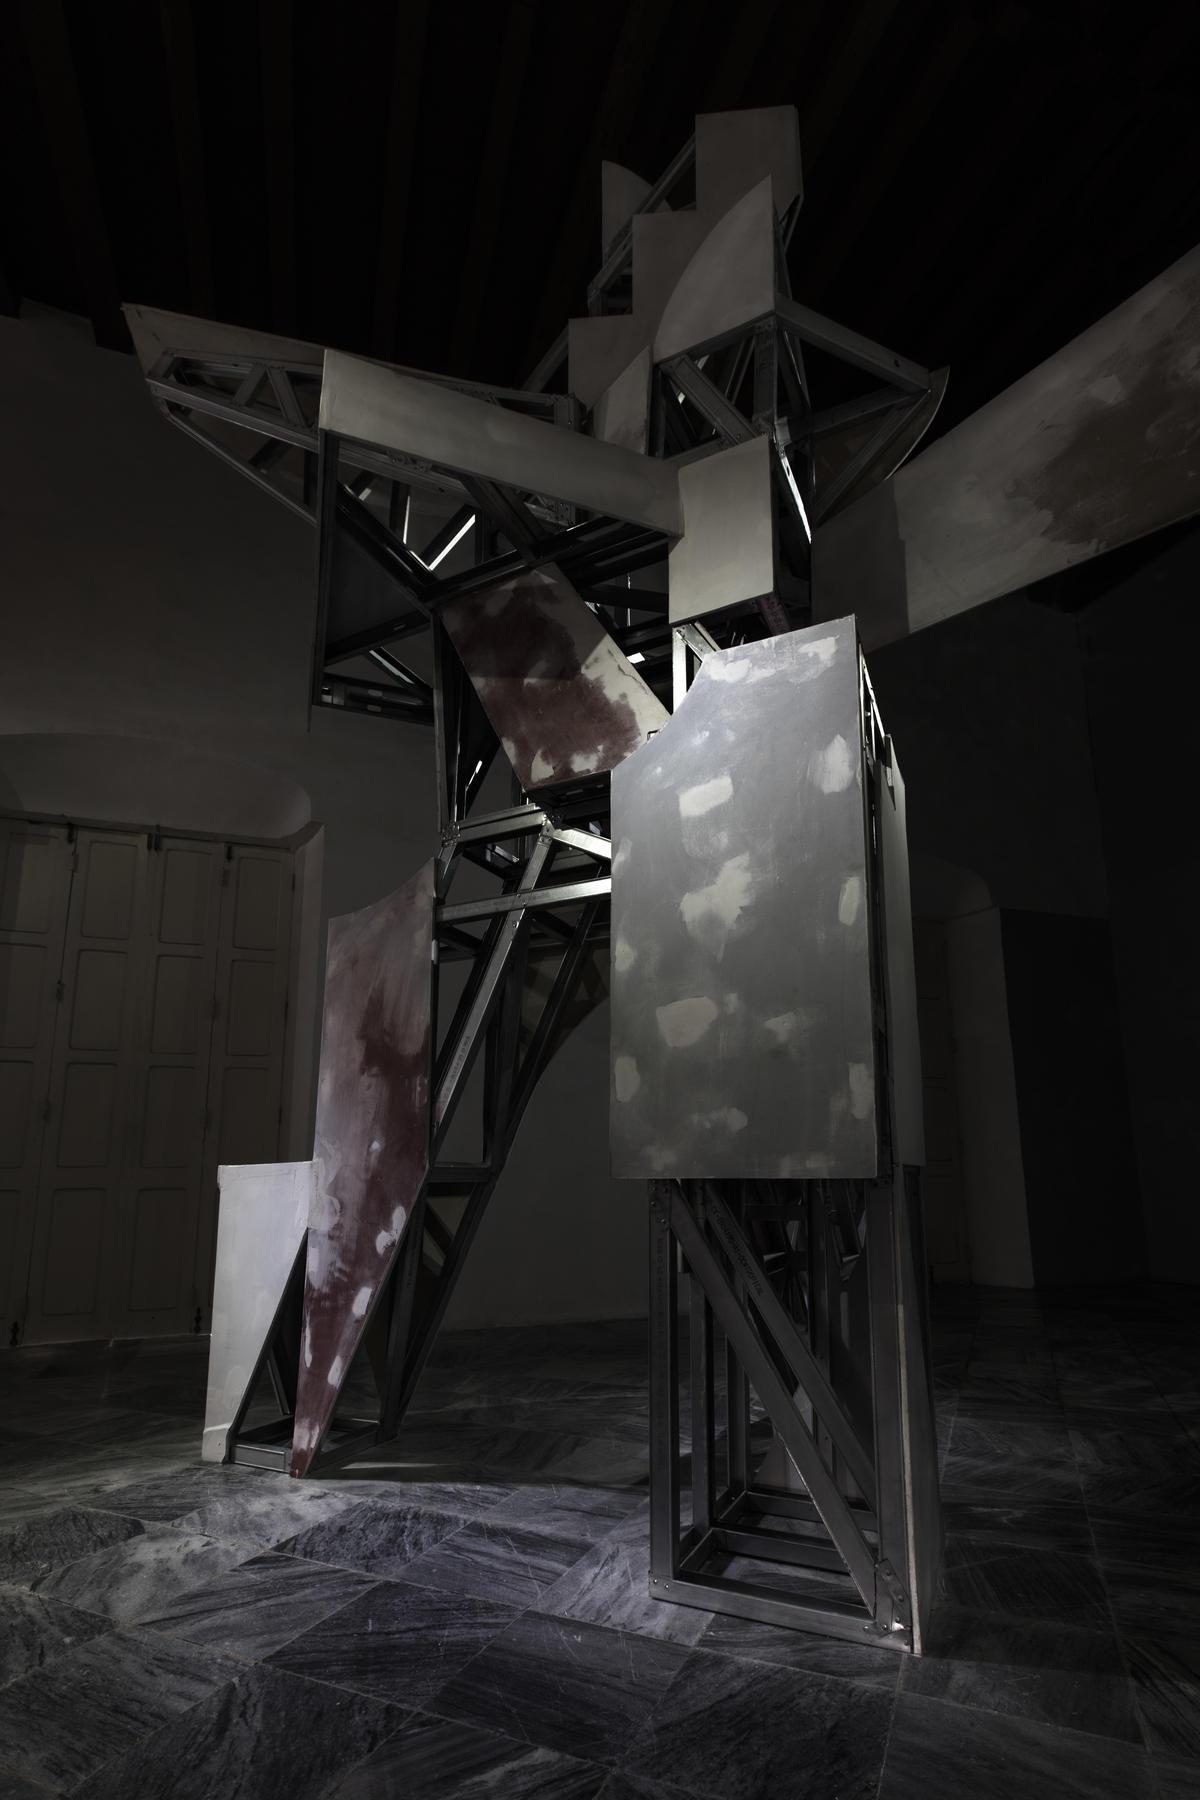 Monumento al hombre incompleto. 2018. Exhibida en el Centro de Desarrollo de las Artes Visuales.